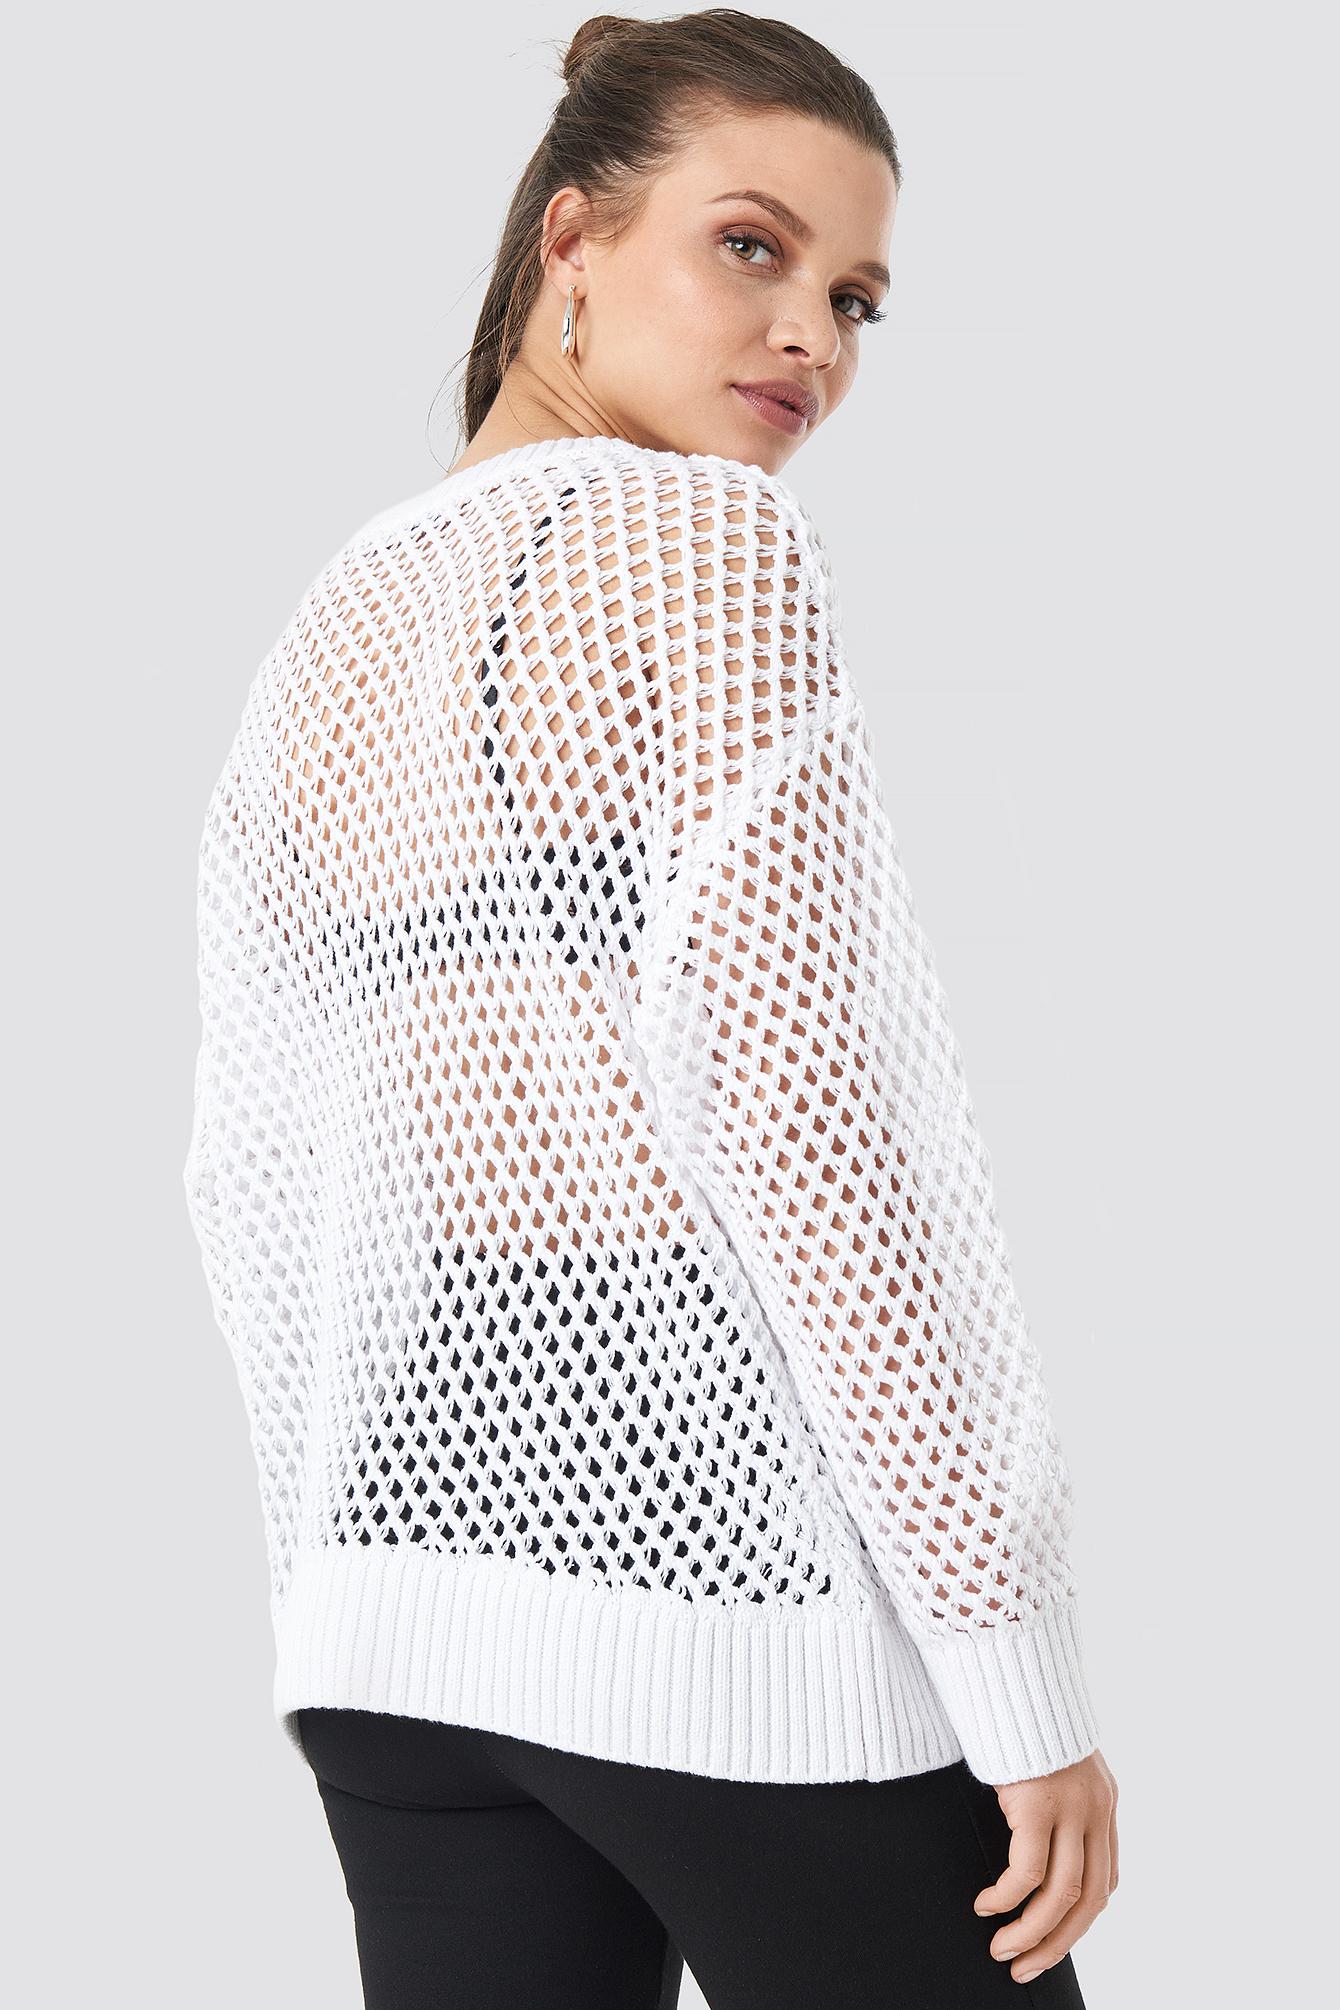 Cotton Knit Jumper NA-KD.COM